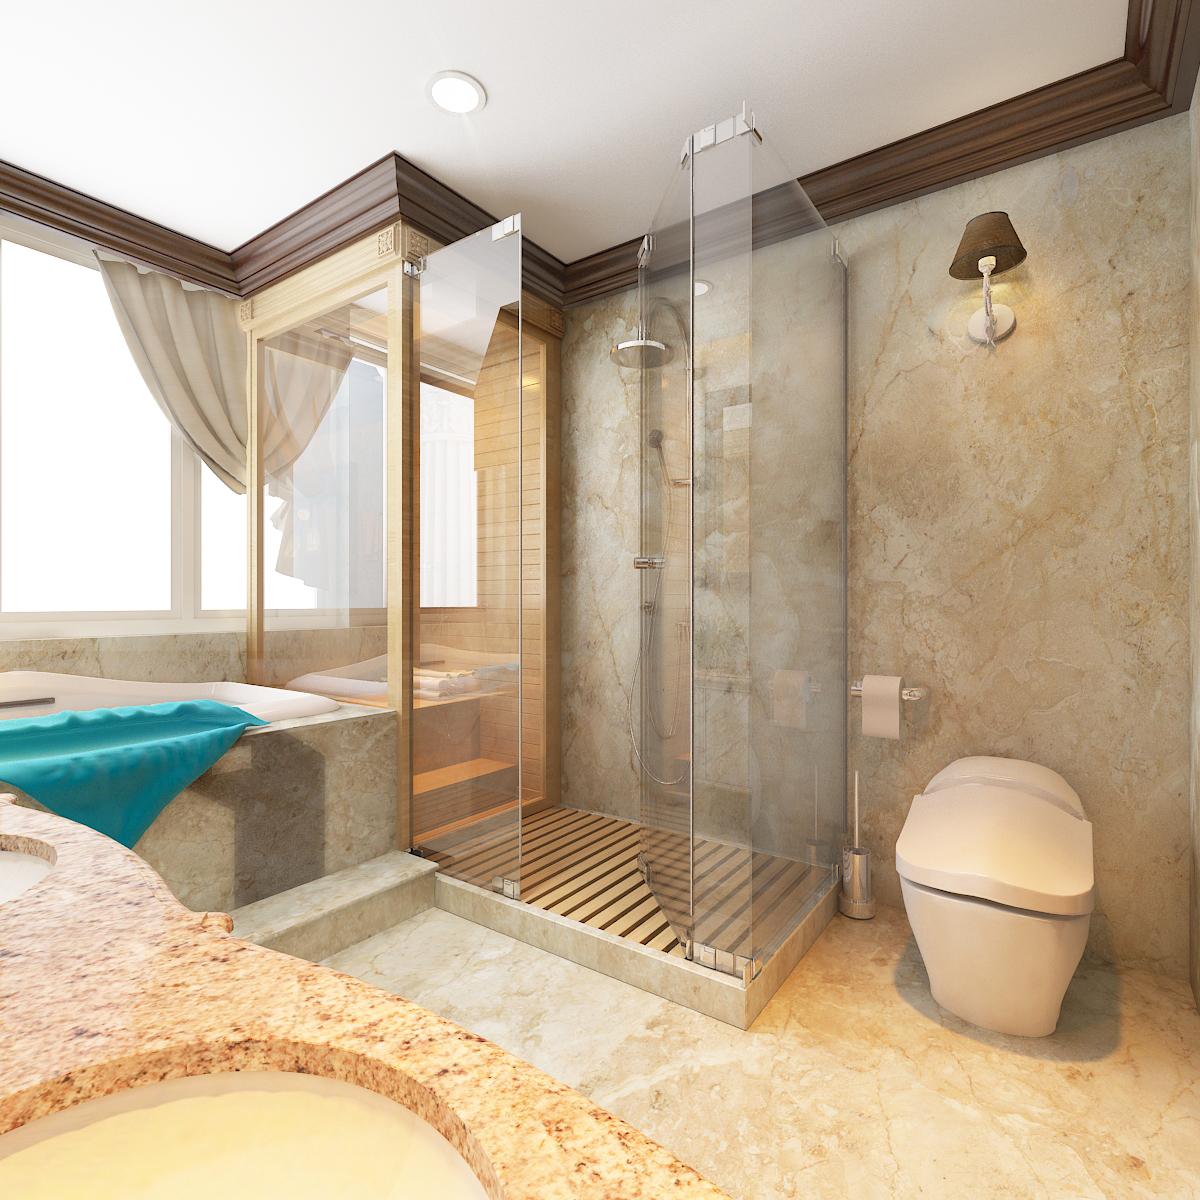 thiết kế nội thất Biệt Thự tại Hà Nội bt Vinhomes - riverside 38 1568276276